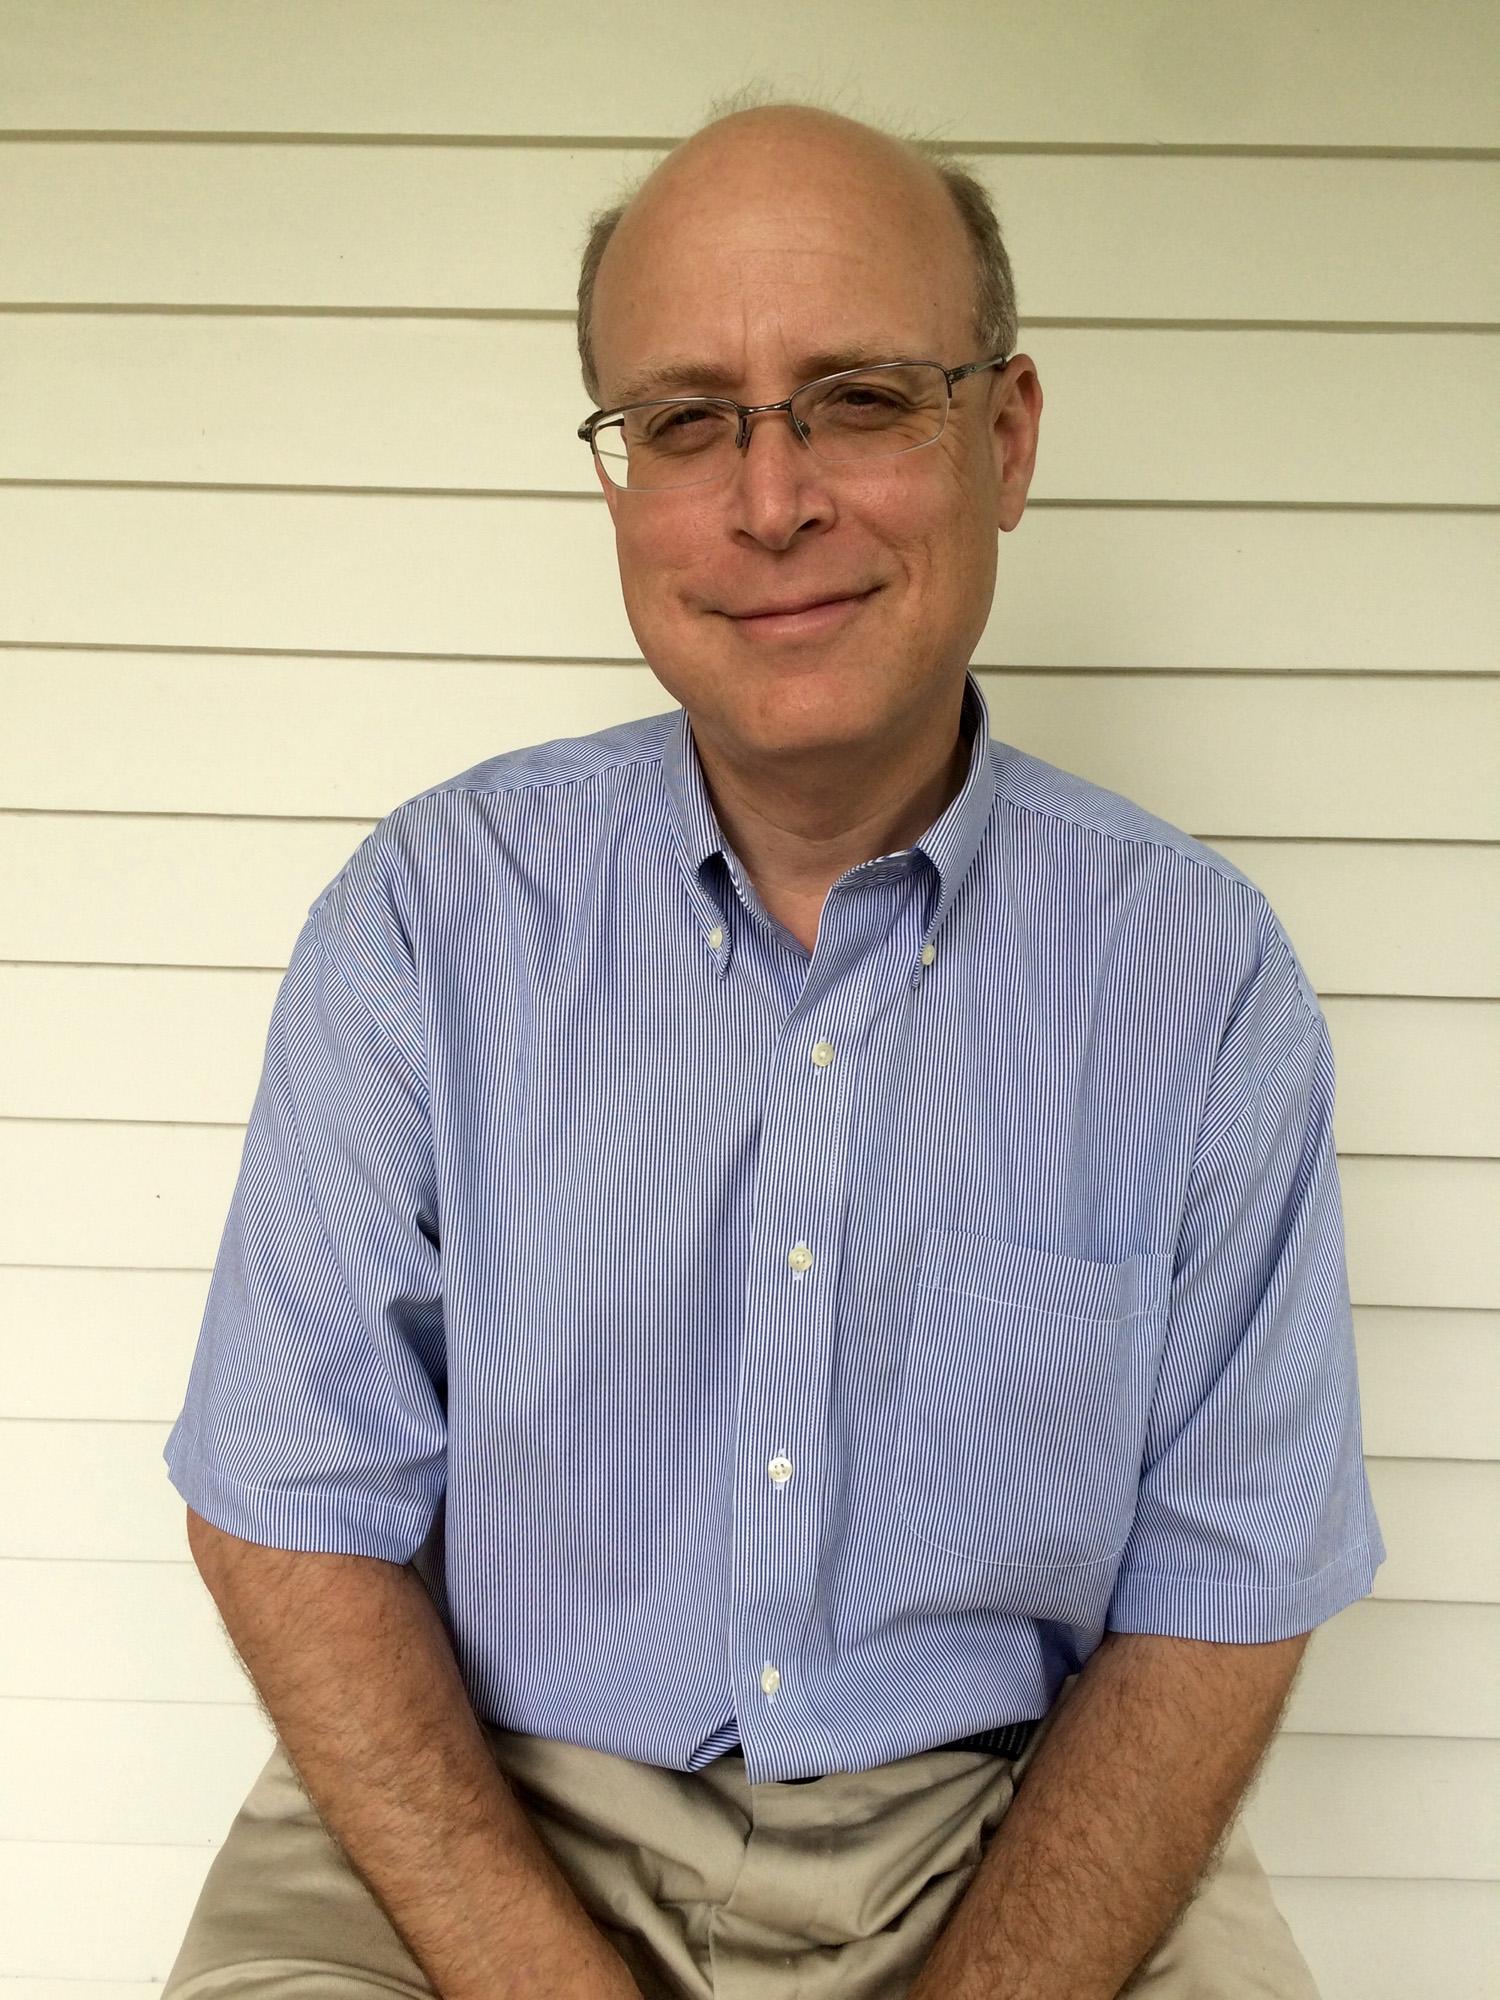 Author Jay Nordlinger